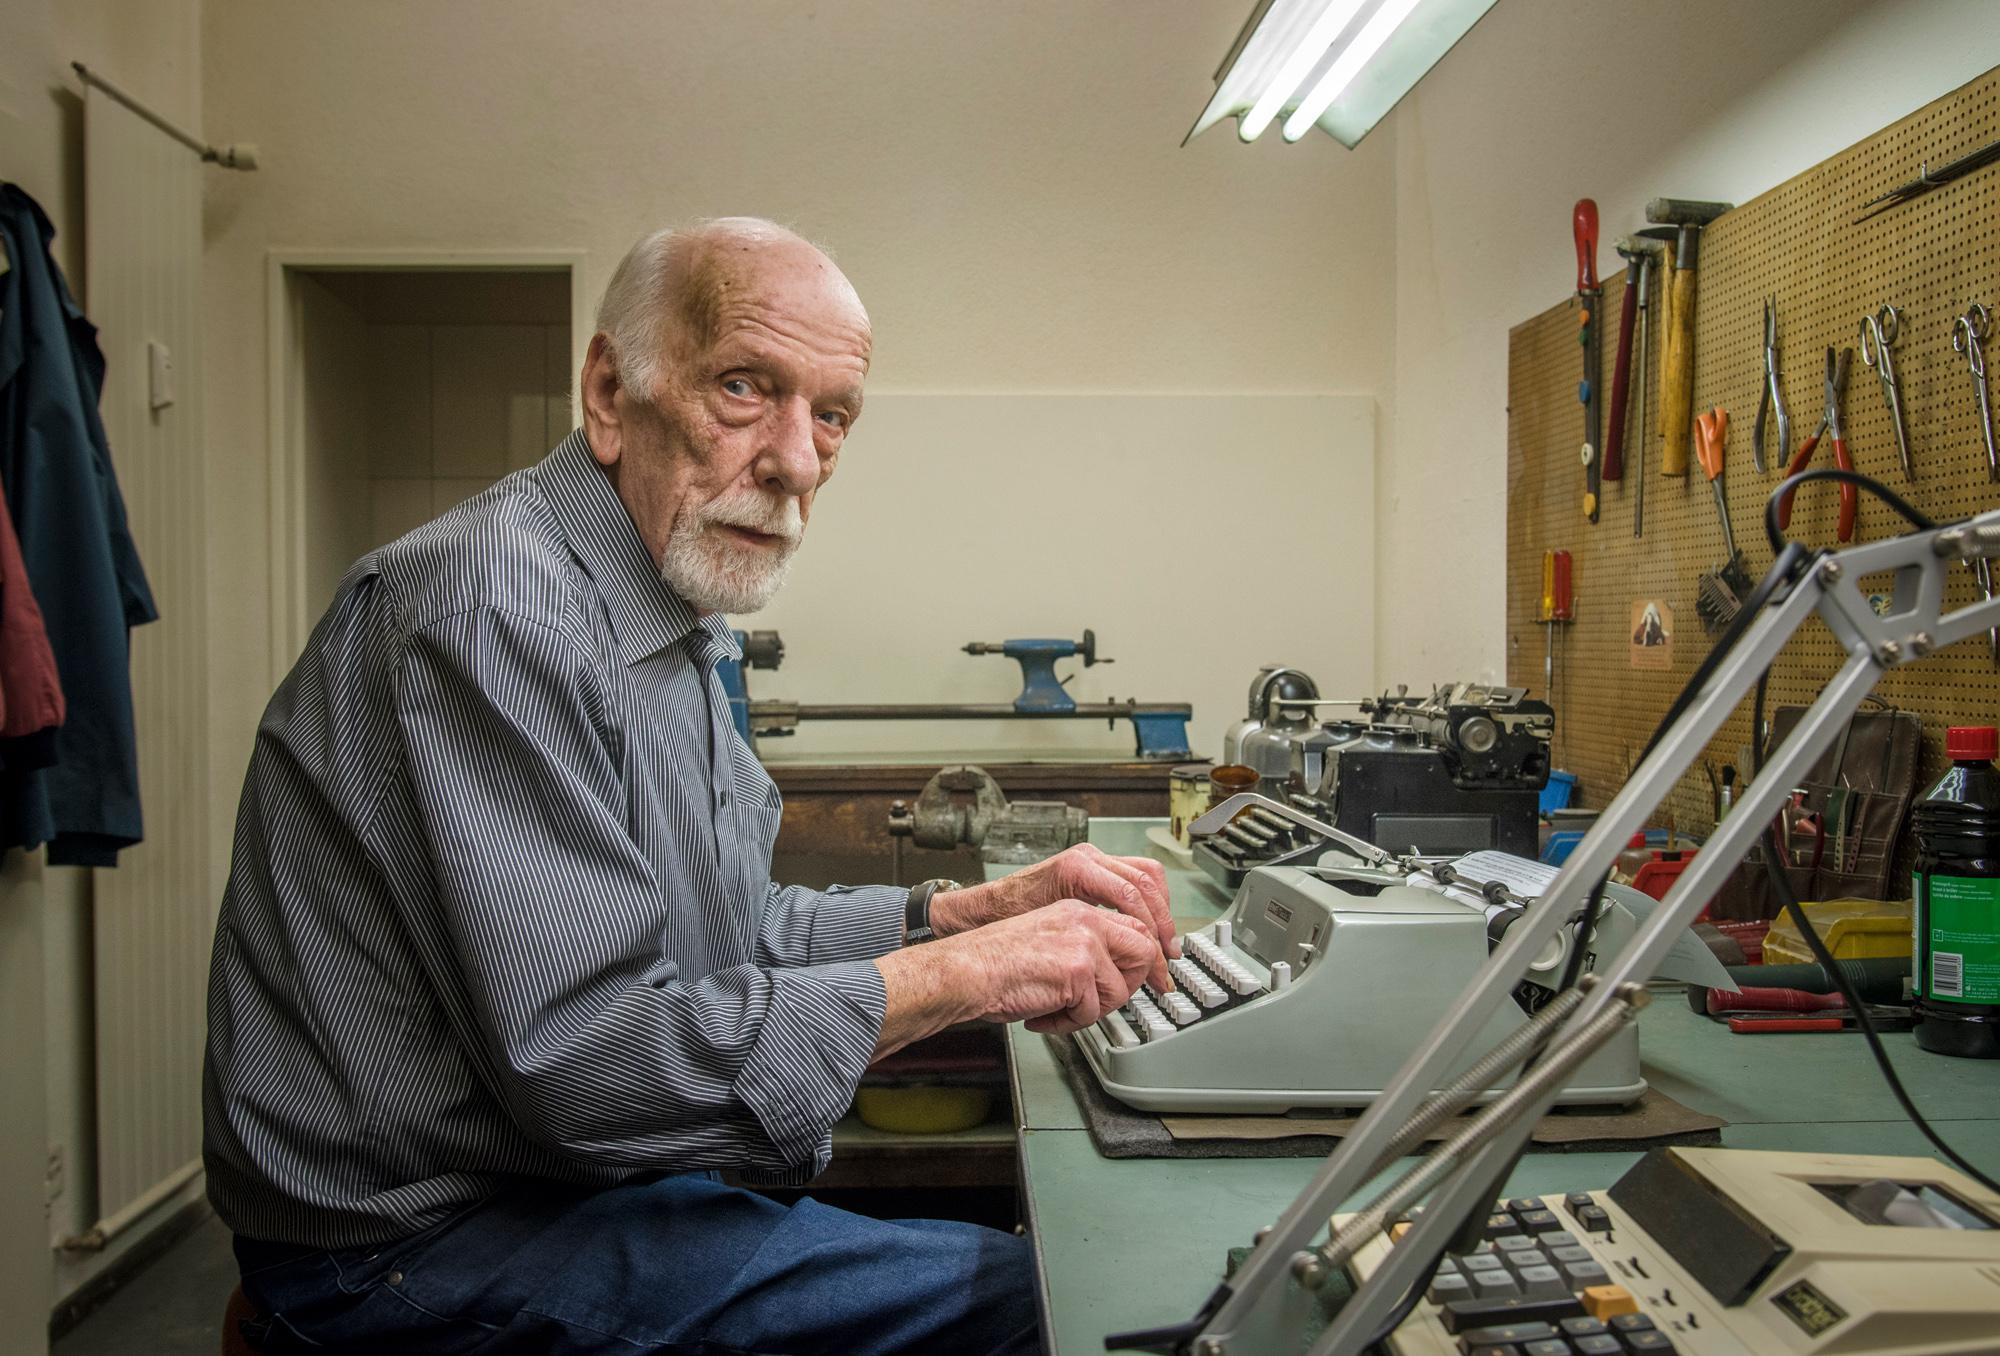 Eine der letzten Kliniken für Schreibmaschinen: Werner Holderegger wartet und repariert in seiner Werkstatt so manche Familienerbstücke, Sammlerobjekte und Arbeitsgeräte von Schriftstellern.